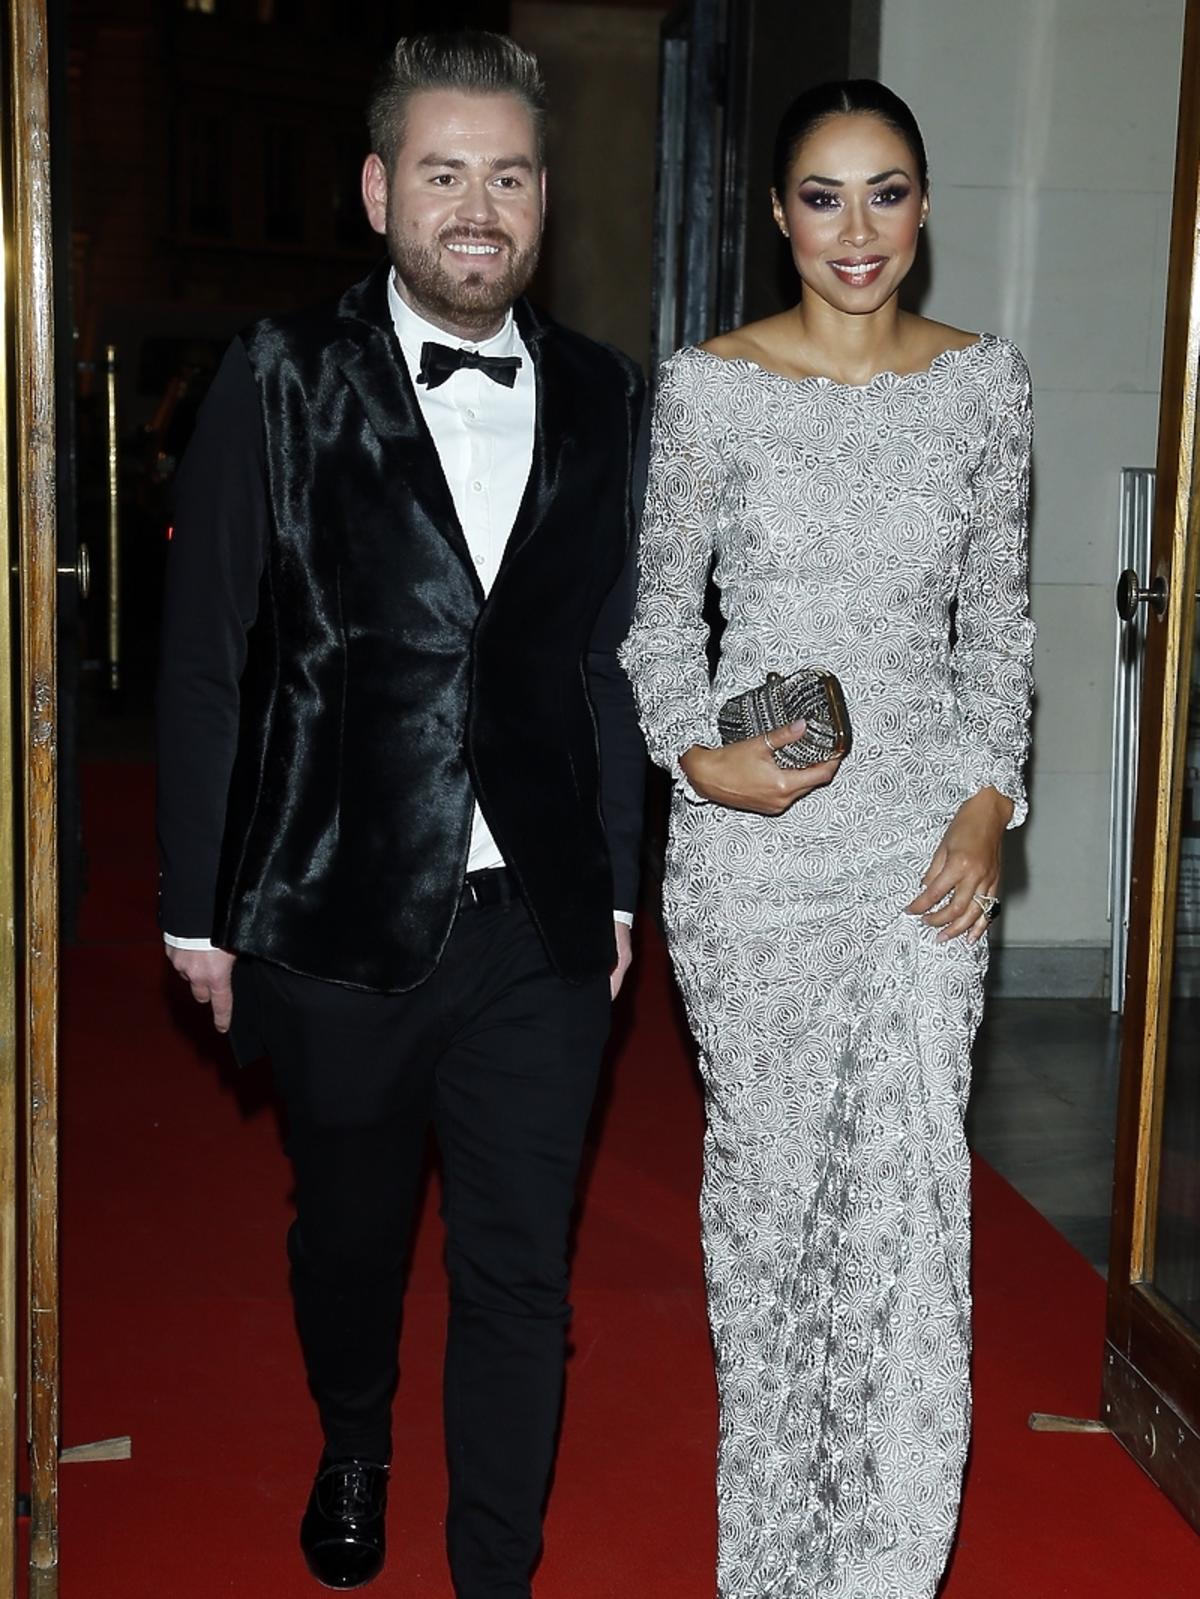 Omenaa Mensah i Tomasz Olejniczak na imprezie Flesz Fashion Night